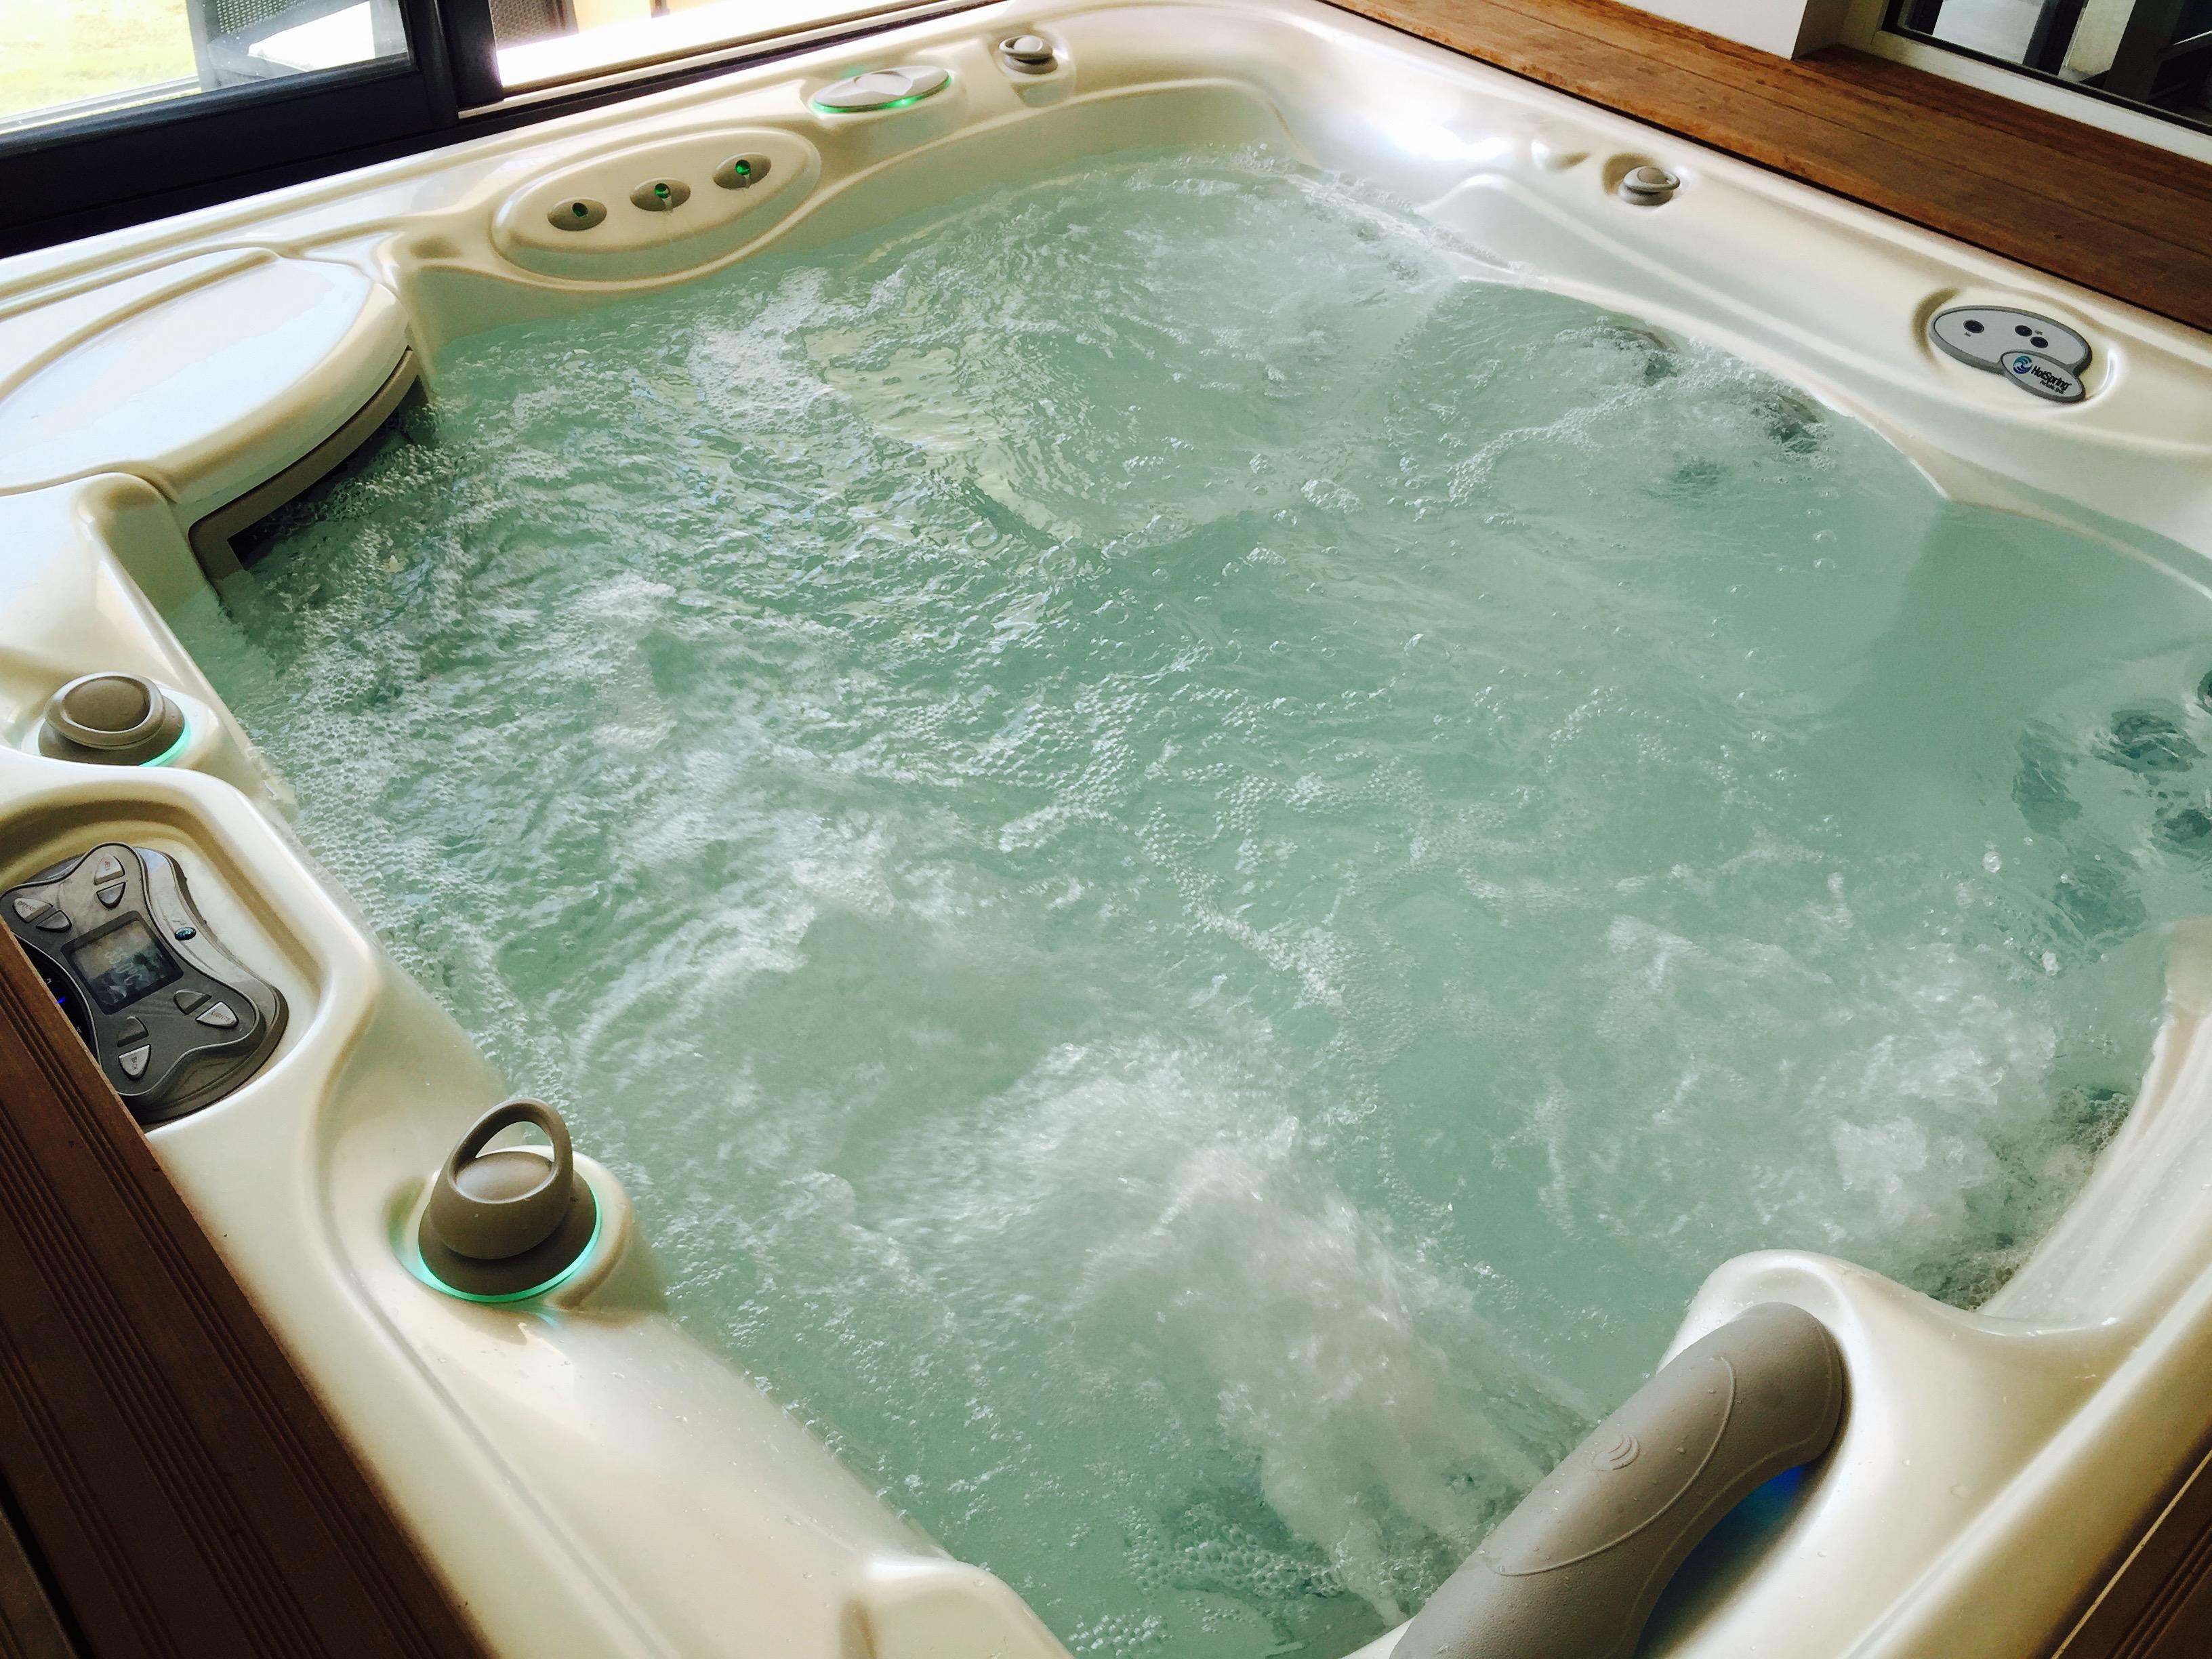 location de vacances avec piscine int rieure et spa. Black Bedroom Furniture Sets. Home Design Ideas